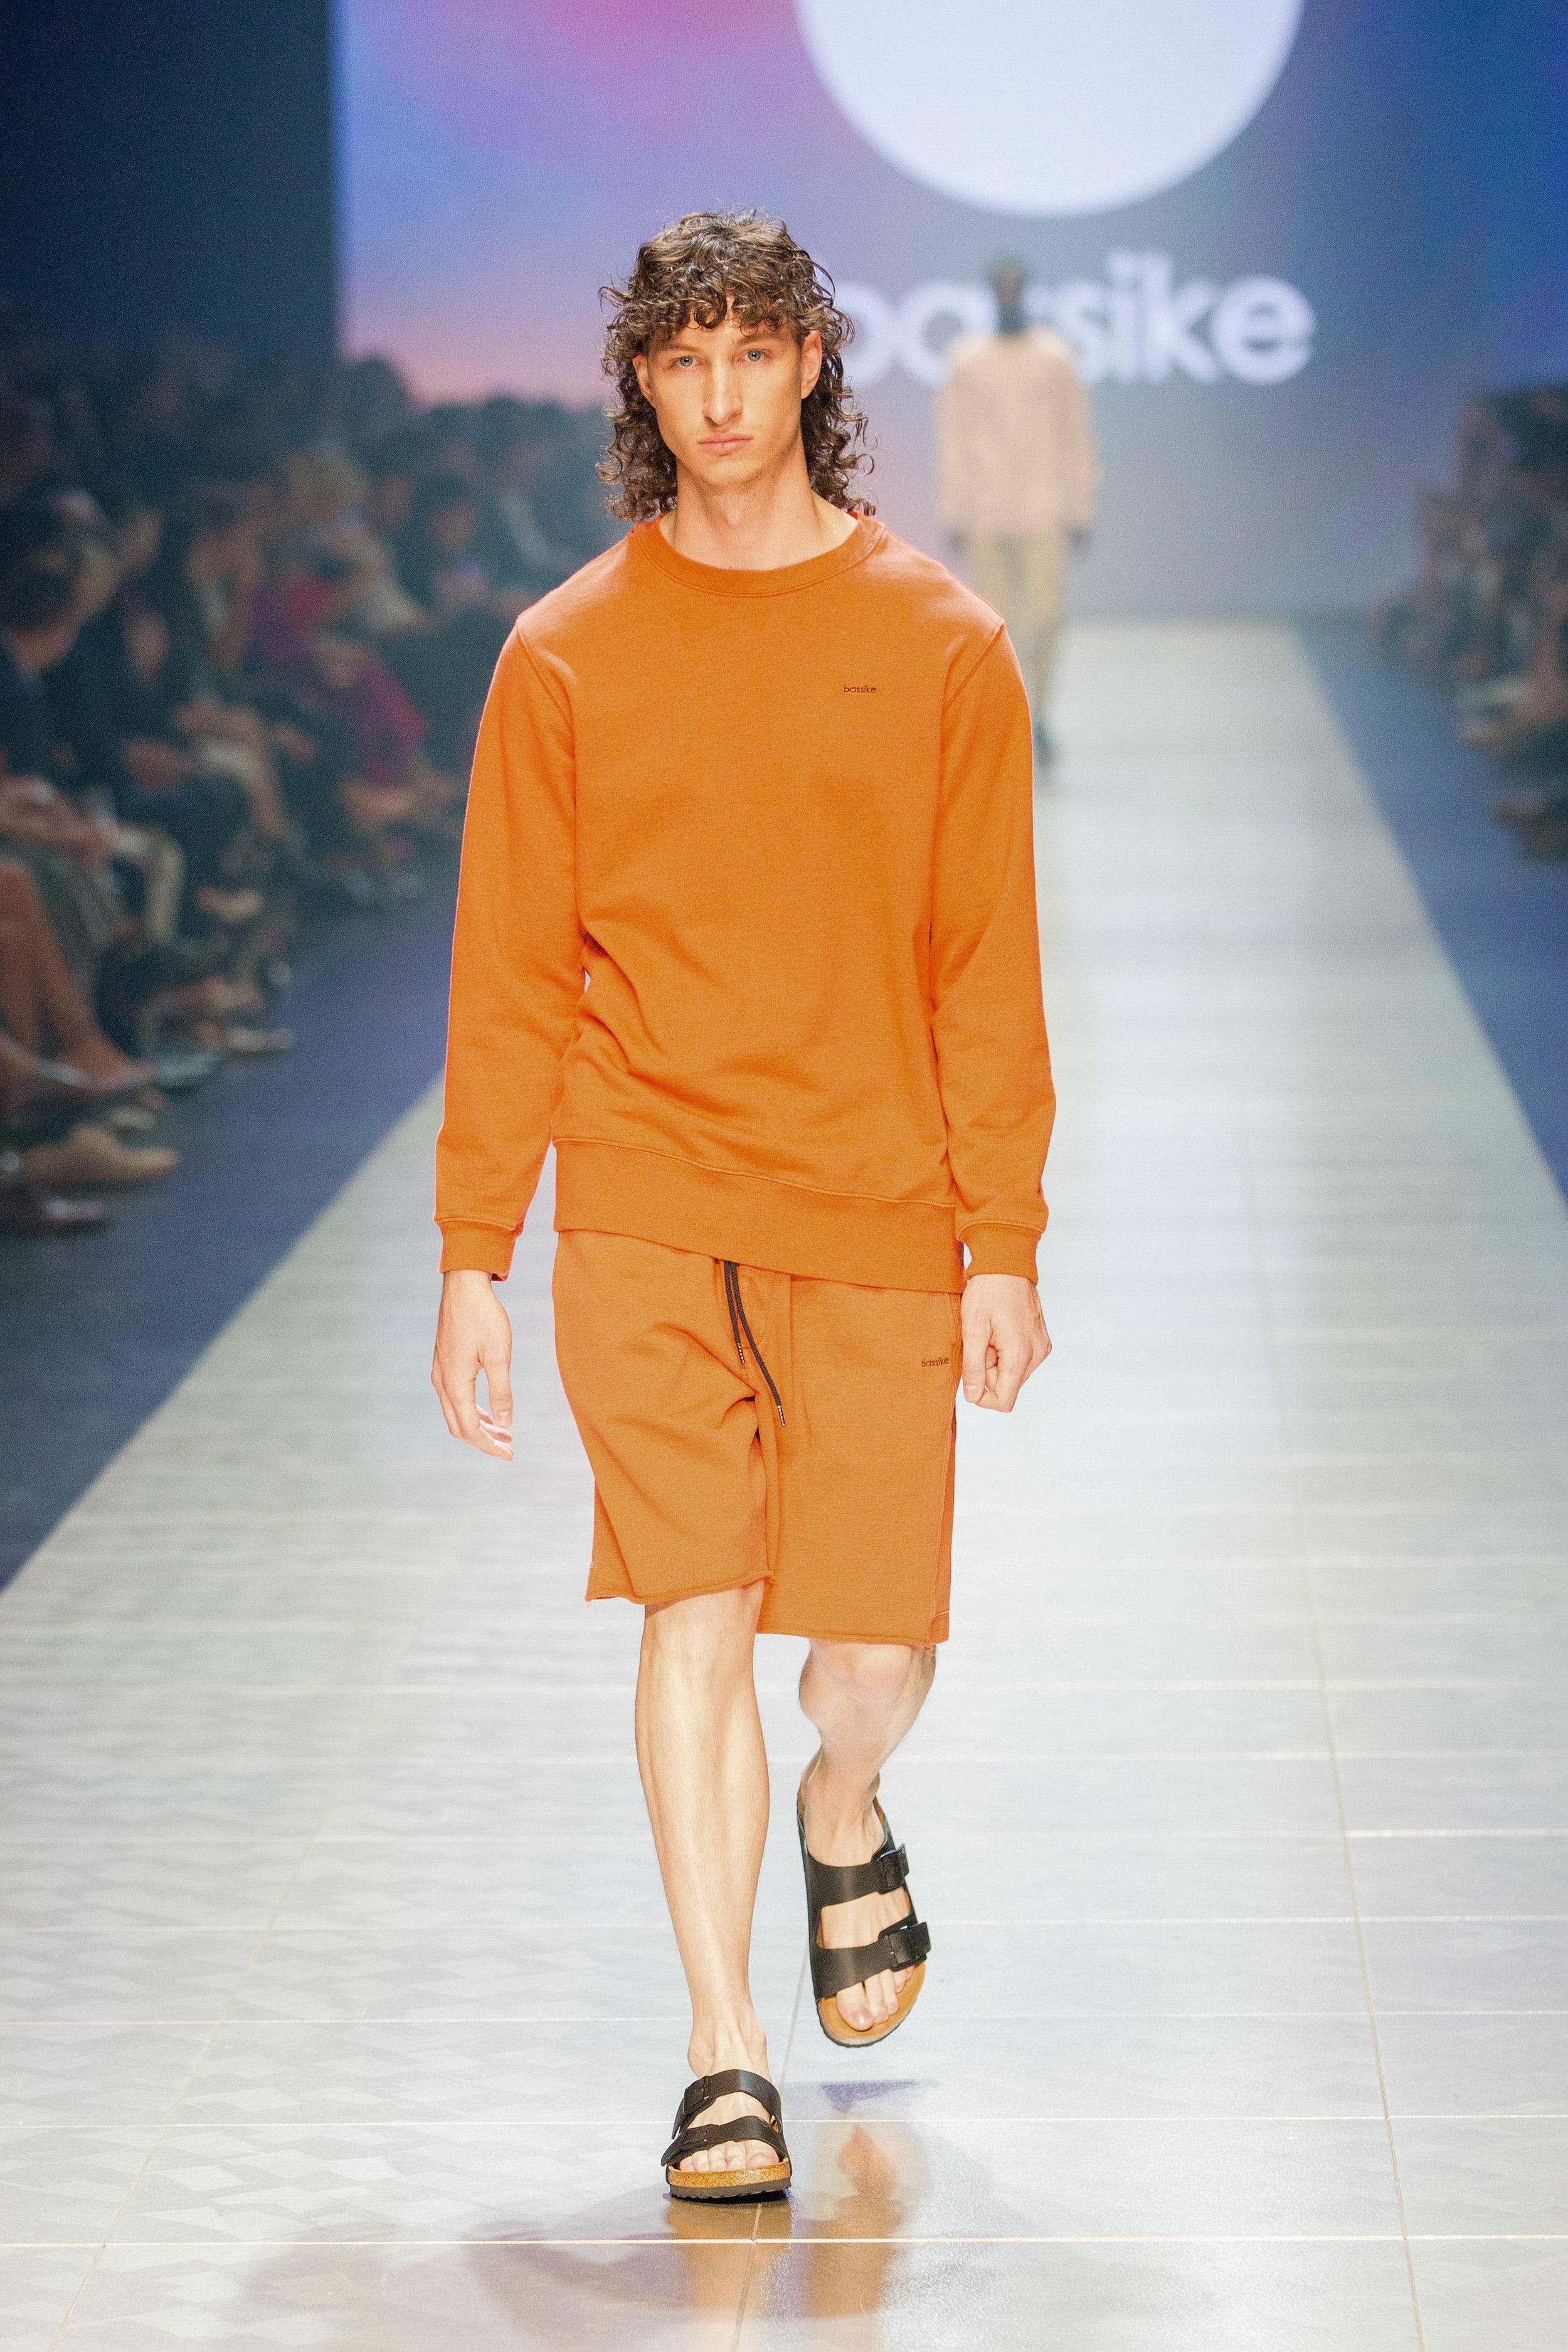 VAMFF2019_GQ Menswear-207.jpg